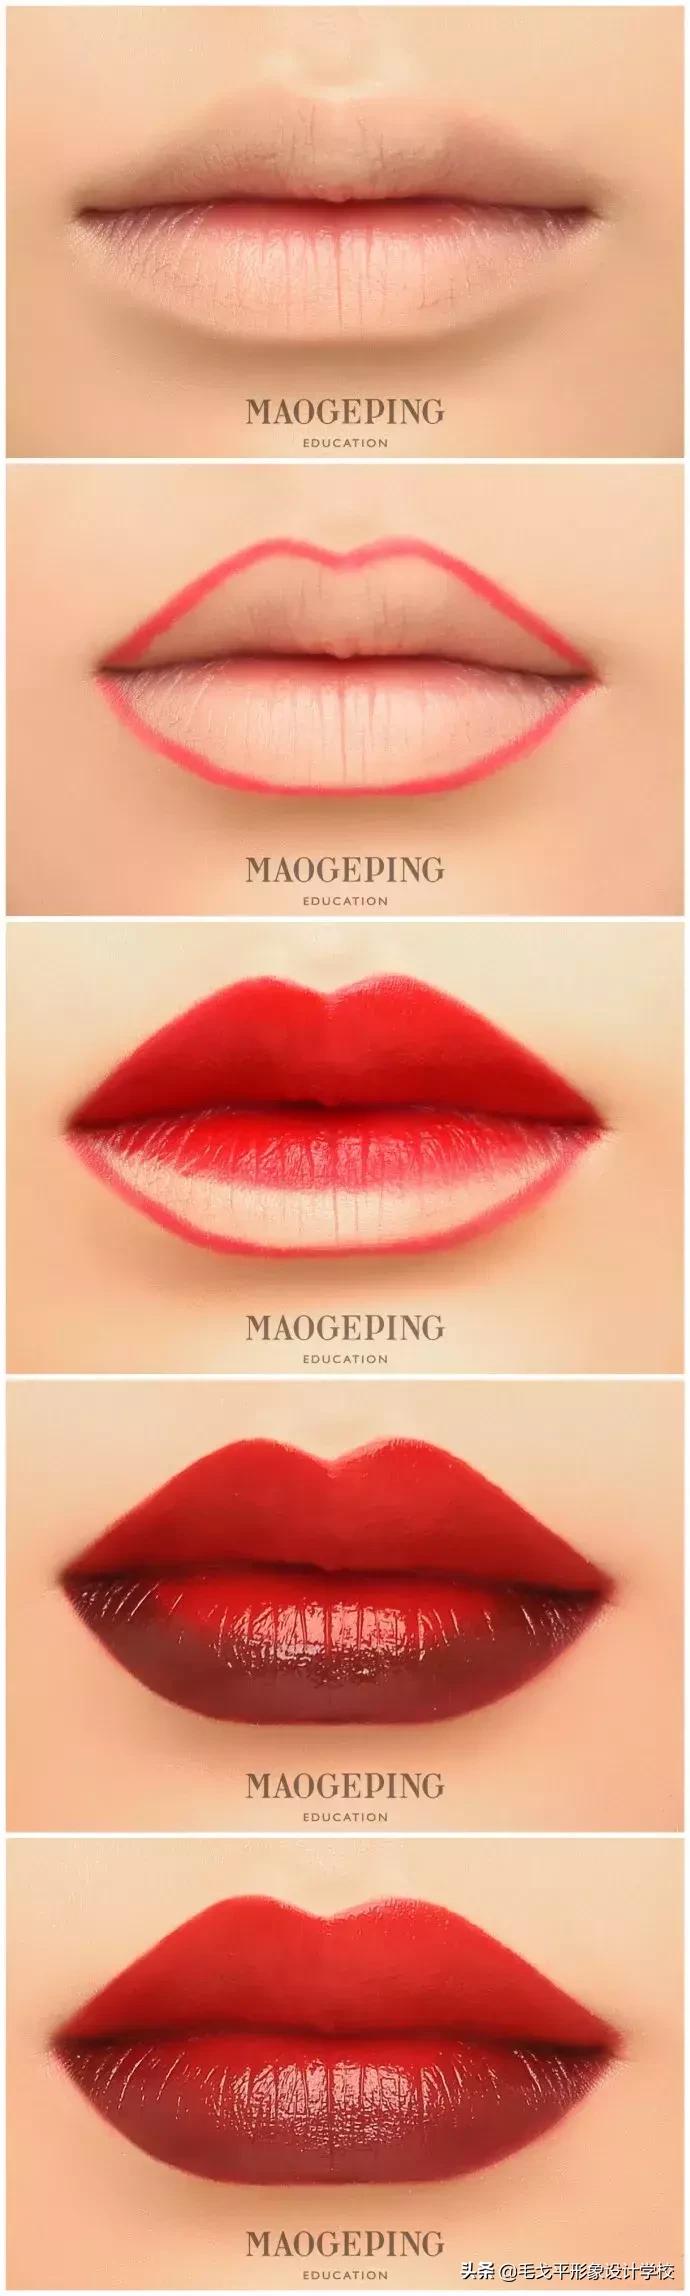 买了那么多口红不会画?教你不同唇形的最美口红画法